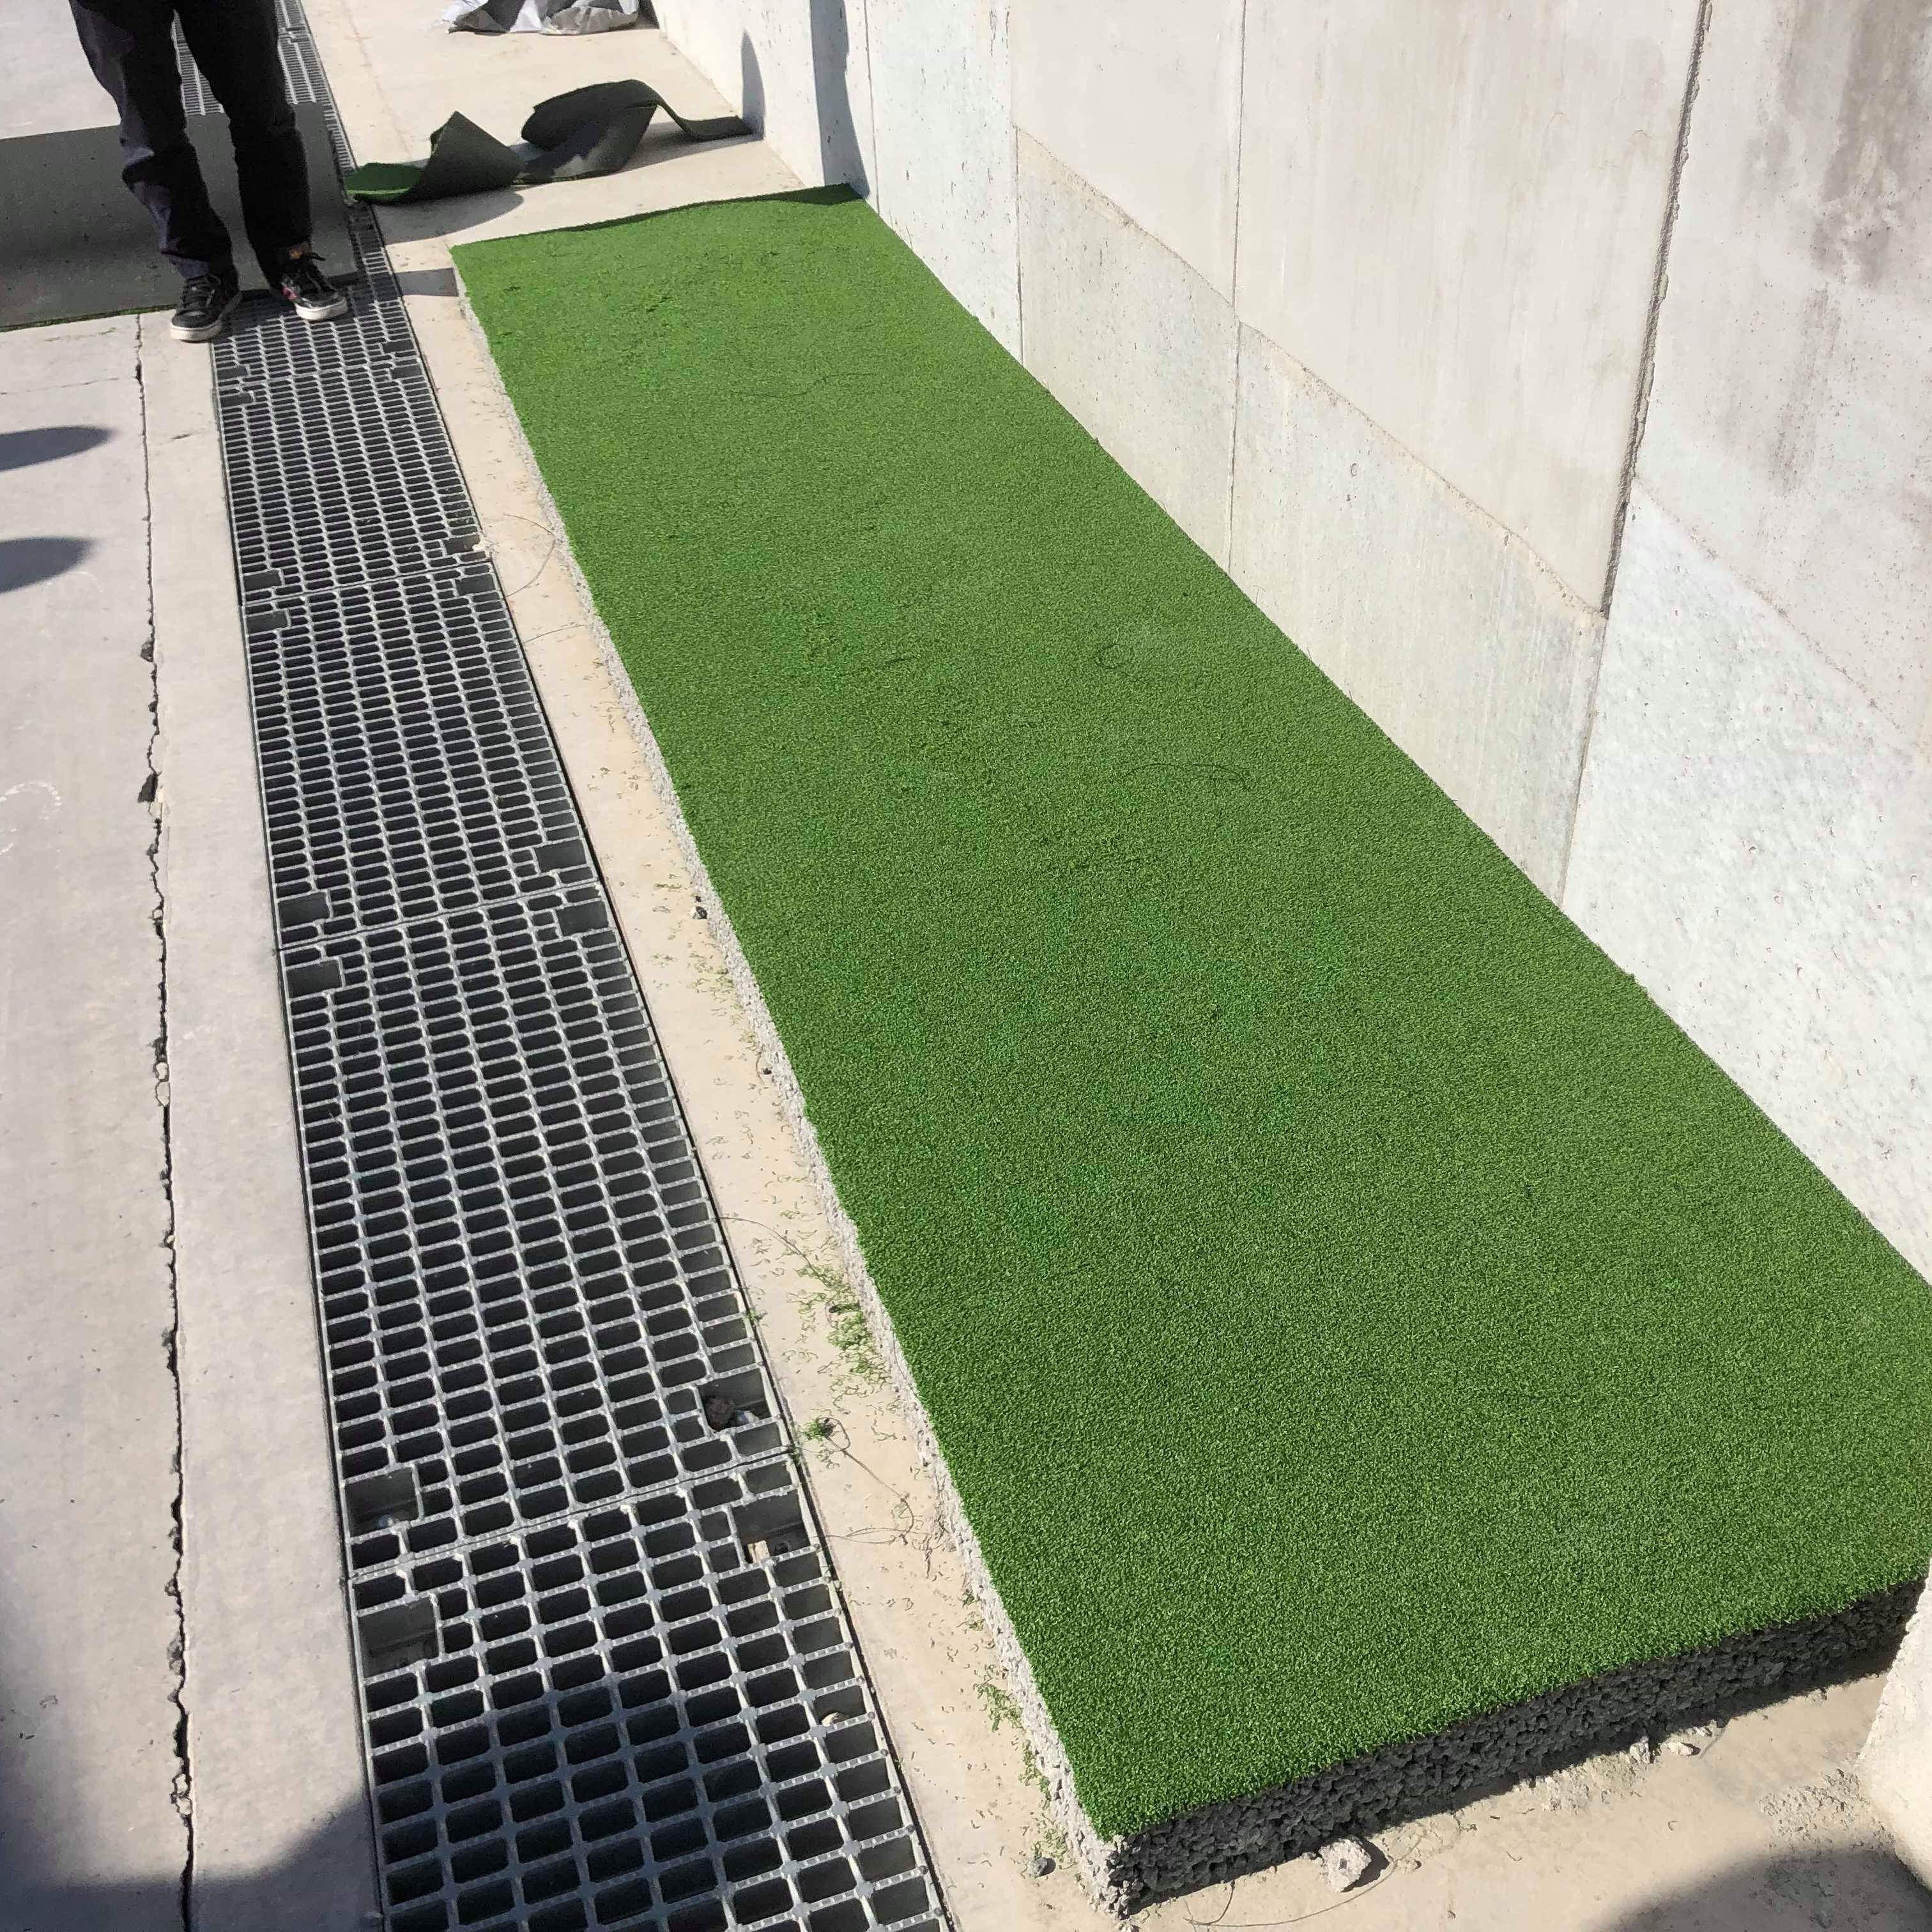 水はけ、草むしり、パター(ゴルフ)の練習。 透水性コンクリートを下地にした【人工芝】の施工マニュアル #3